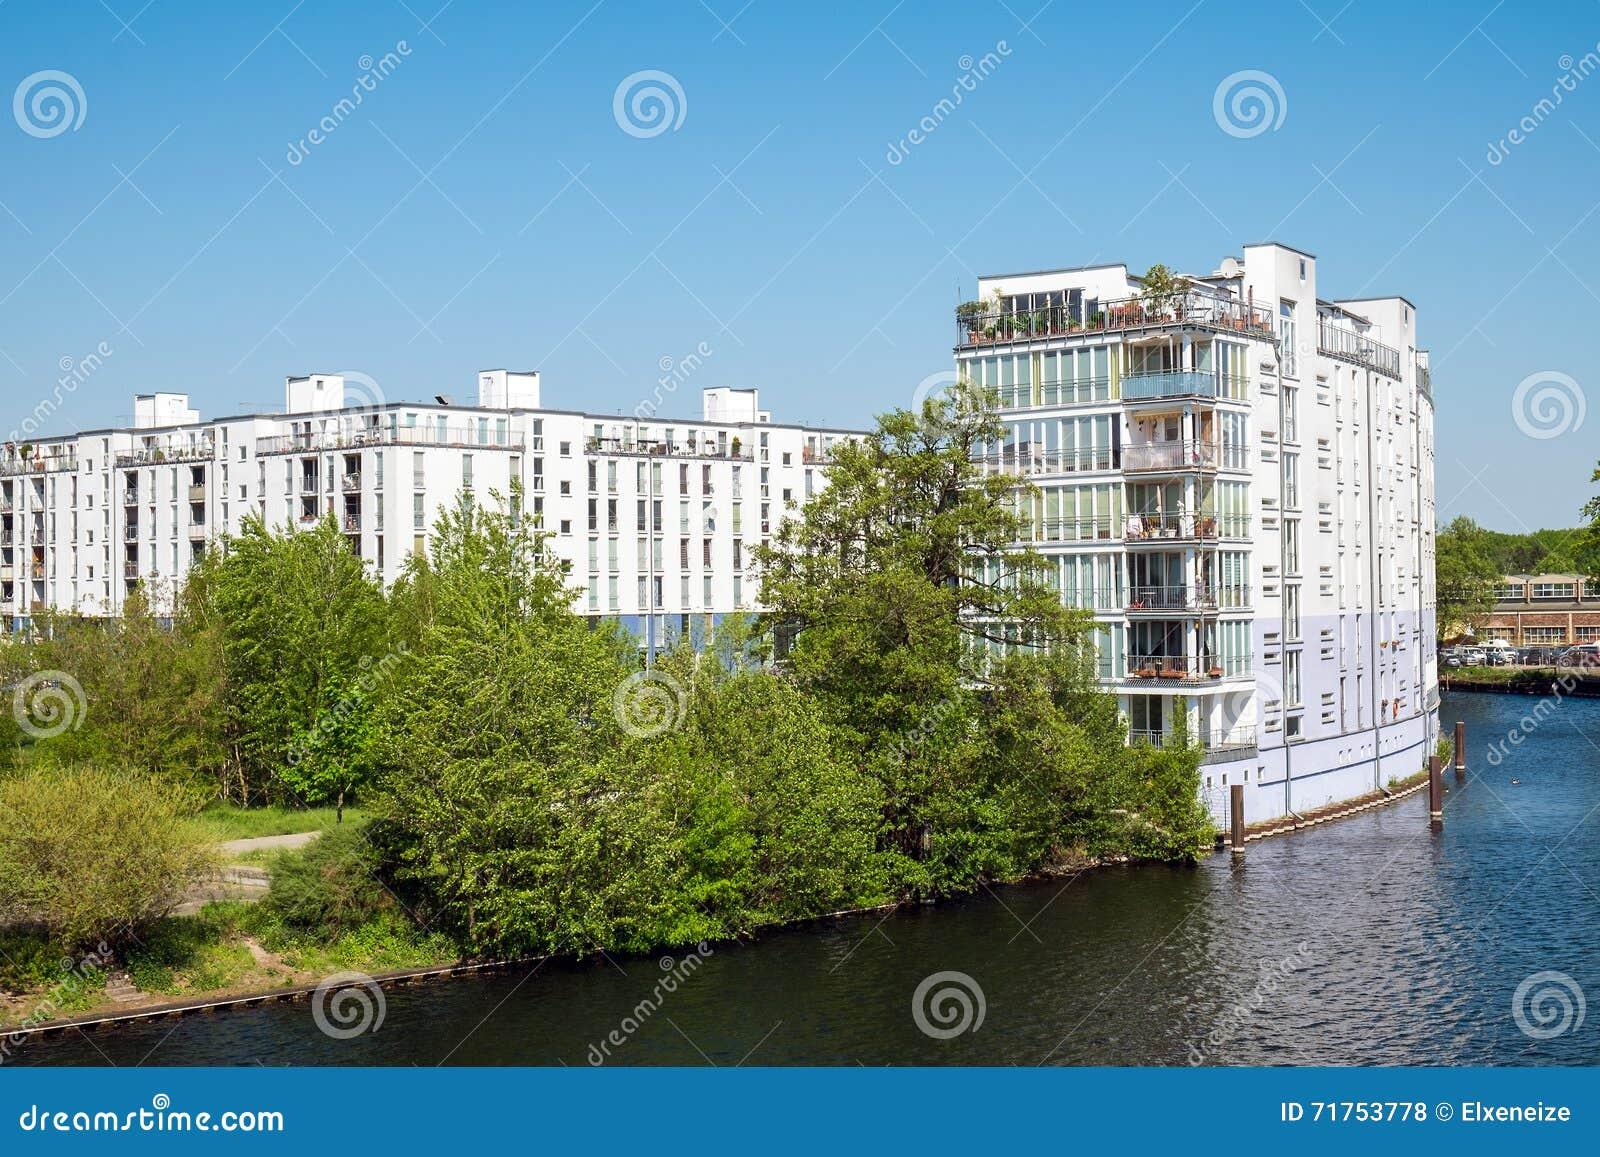 Στέγαση σύνθετη στο ξεφάντωμα ποταμών